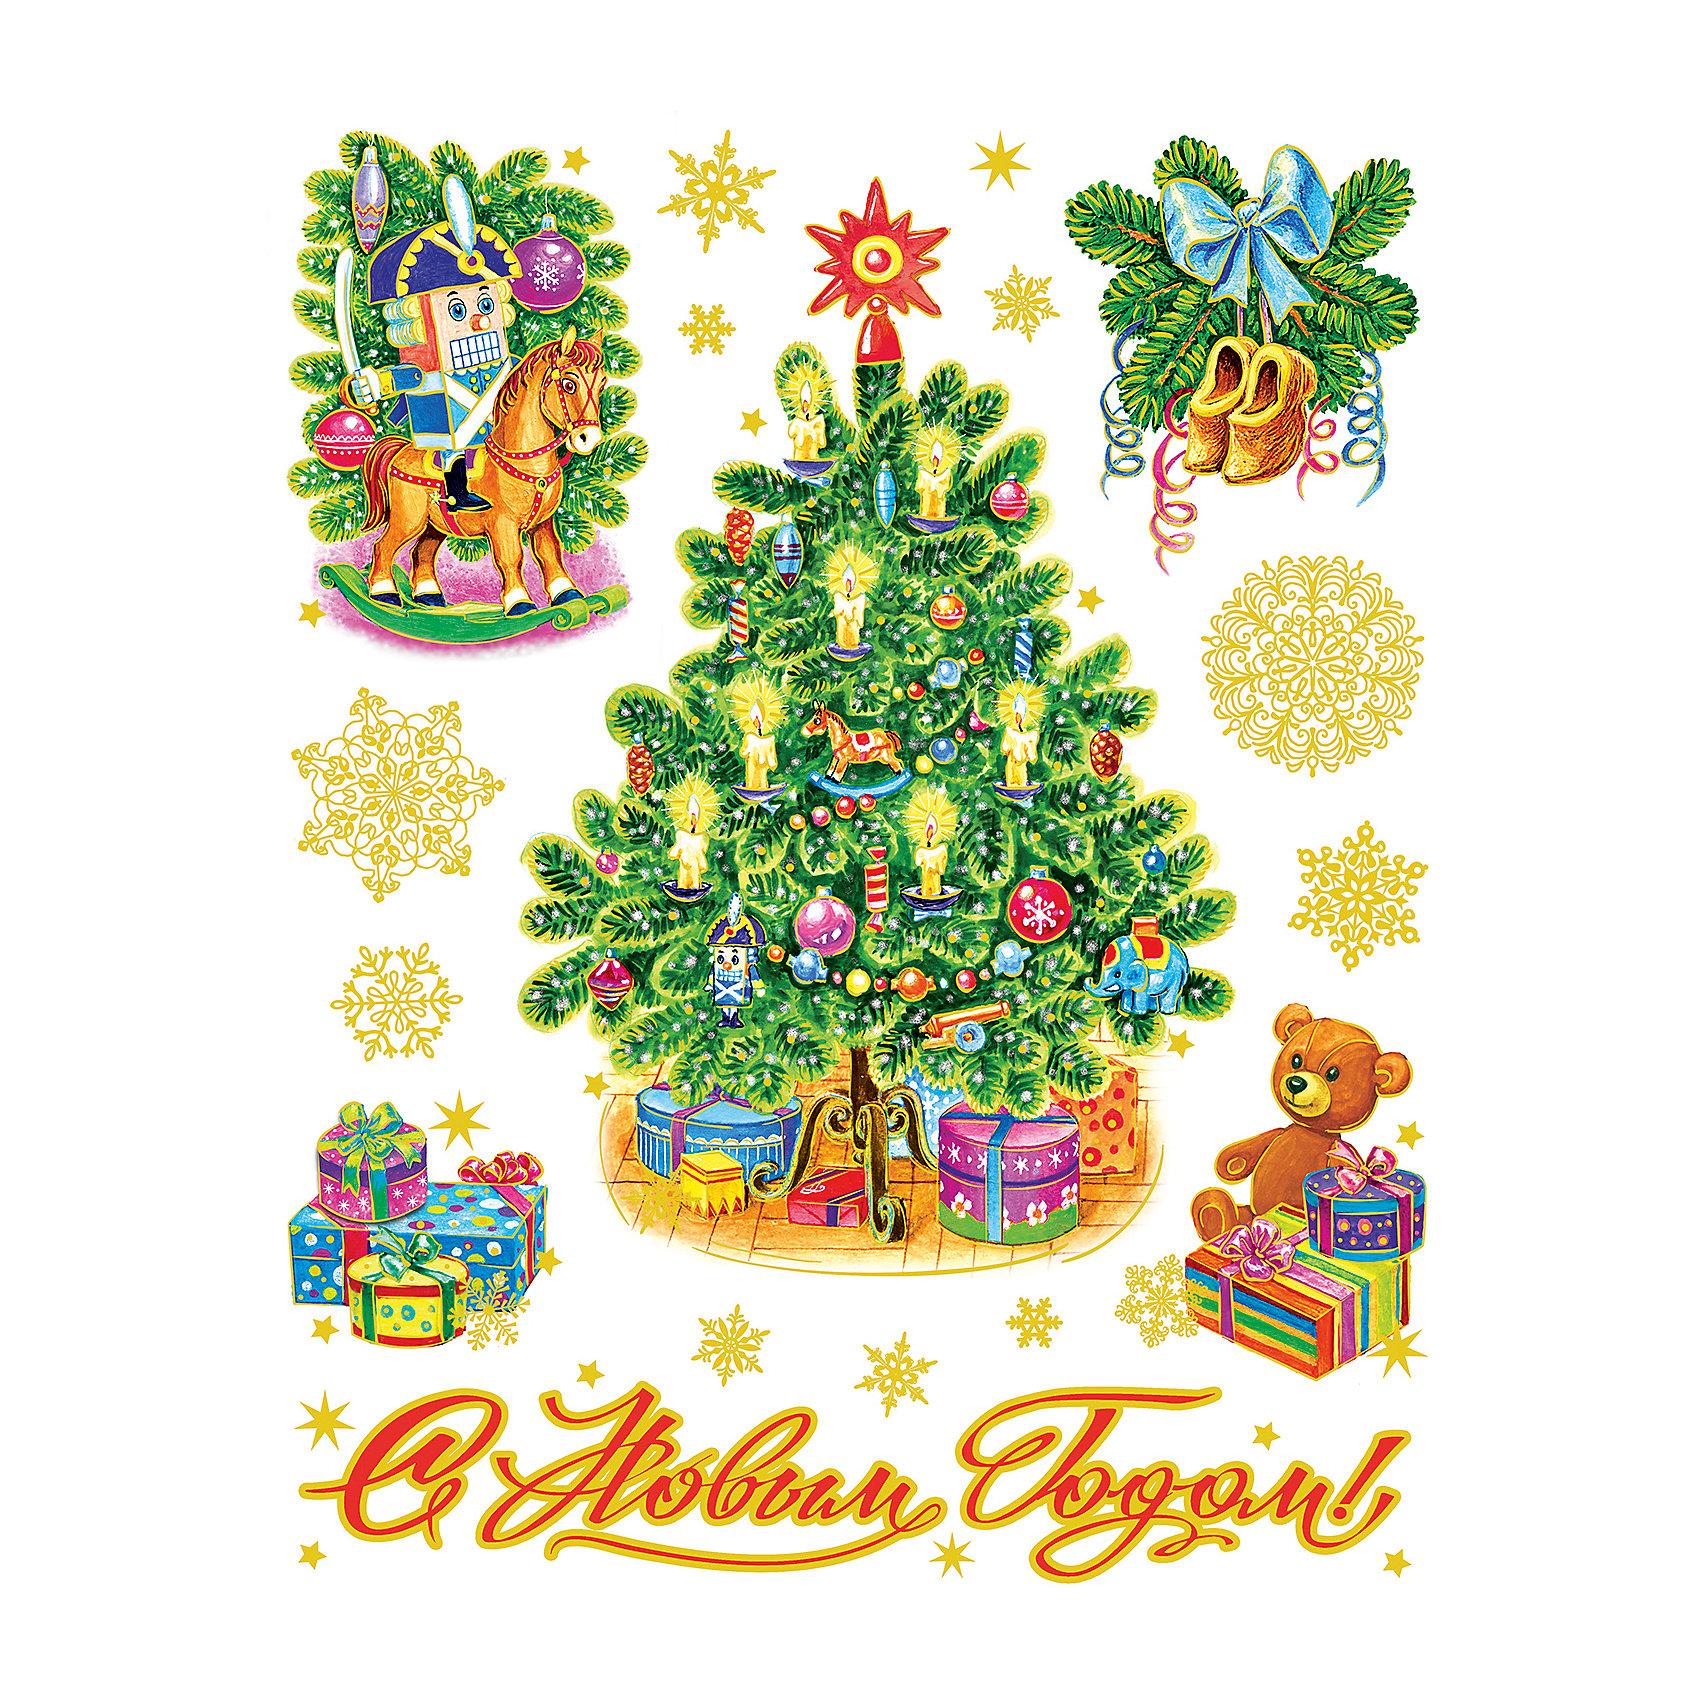 Новогодняя наклейка из ПВХ, 30х38см, Новогодние игрушкиВсё для праздника<br>Характеристики товара:<br><br>• крепится посредством статического эффекта<br>• размер: 30х38 см<br>• комплектация: 1 лист<br>• материал: ПВХ<br>• для украшения интерьера <br>• страна производства: Китай<br><br>Украшать окна к Новому году всей семьей - традиция во многих домах. Новогодний антураж трудно представить без снежинок или наклеек на окнах! Эта красивая наклейка будет отлично смотреться в окружении любой цветовой гаммы, она качественно выполнена и нарядно смотрится благодаря глиттеру. Крепится на окна с помощью статического эффекта и не оставляет следов! С помощью такой наклейки можно оригинально декорировать квартиру к празднику.<br>Такие небольшие детали и создают праздник! От них во многом зависит хорошее новогоднее настроение. Изделие производится из качественных сертифицированных материалов, безопасных даже для самых маленьких.<br><br>Новогоднюю наклейку из ПВХ, 30х38см, Новогодние игрушки можно купить в нашем интернет-магазине.<br><br>Ширина мм: 420<br>Глубина мм: 300<br>Высота мм: 2<br>Вес г: 30<br>Возраст от месяцев: 72<br>Возраст до месяцев: 480<br>Пол: Унисекс<br>Возраст: Детский<br>SKU: 5051678